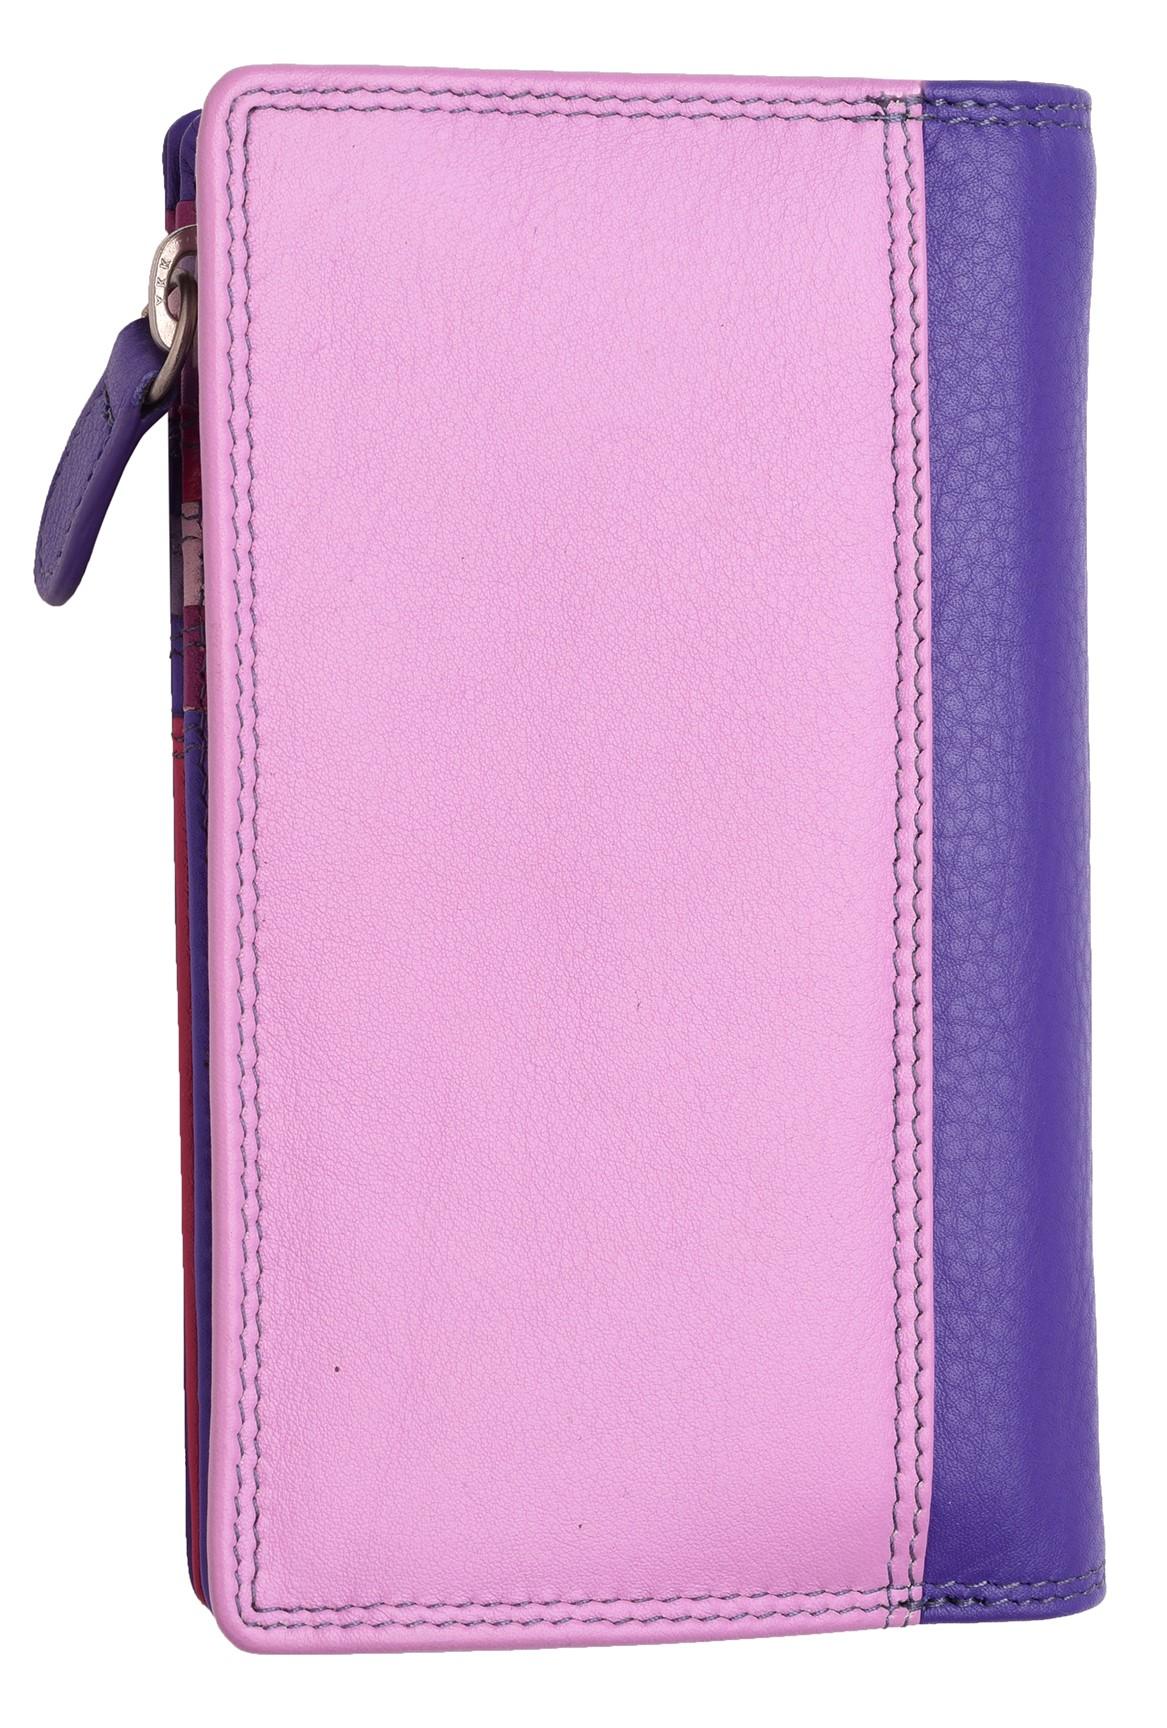 Femme-Veritable-Multi-Couleur-RFID-Blocage-De-Haute-Qualite-Sac-a-Main-Portefeuille miniature 25